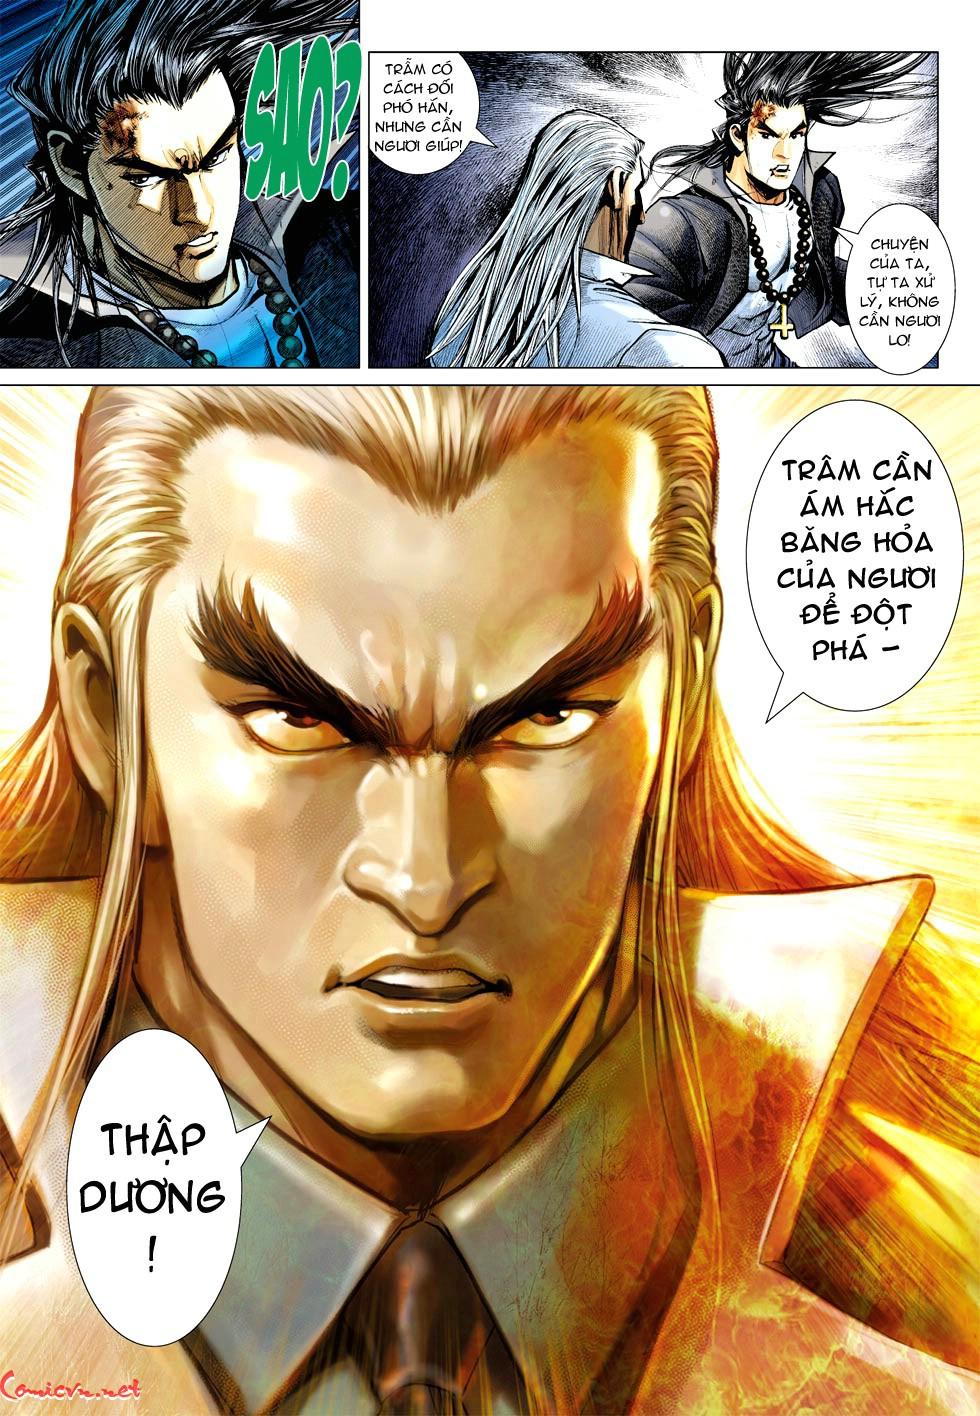 Vương Phong Lôi 1 chap 35 - Trang 28